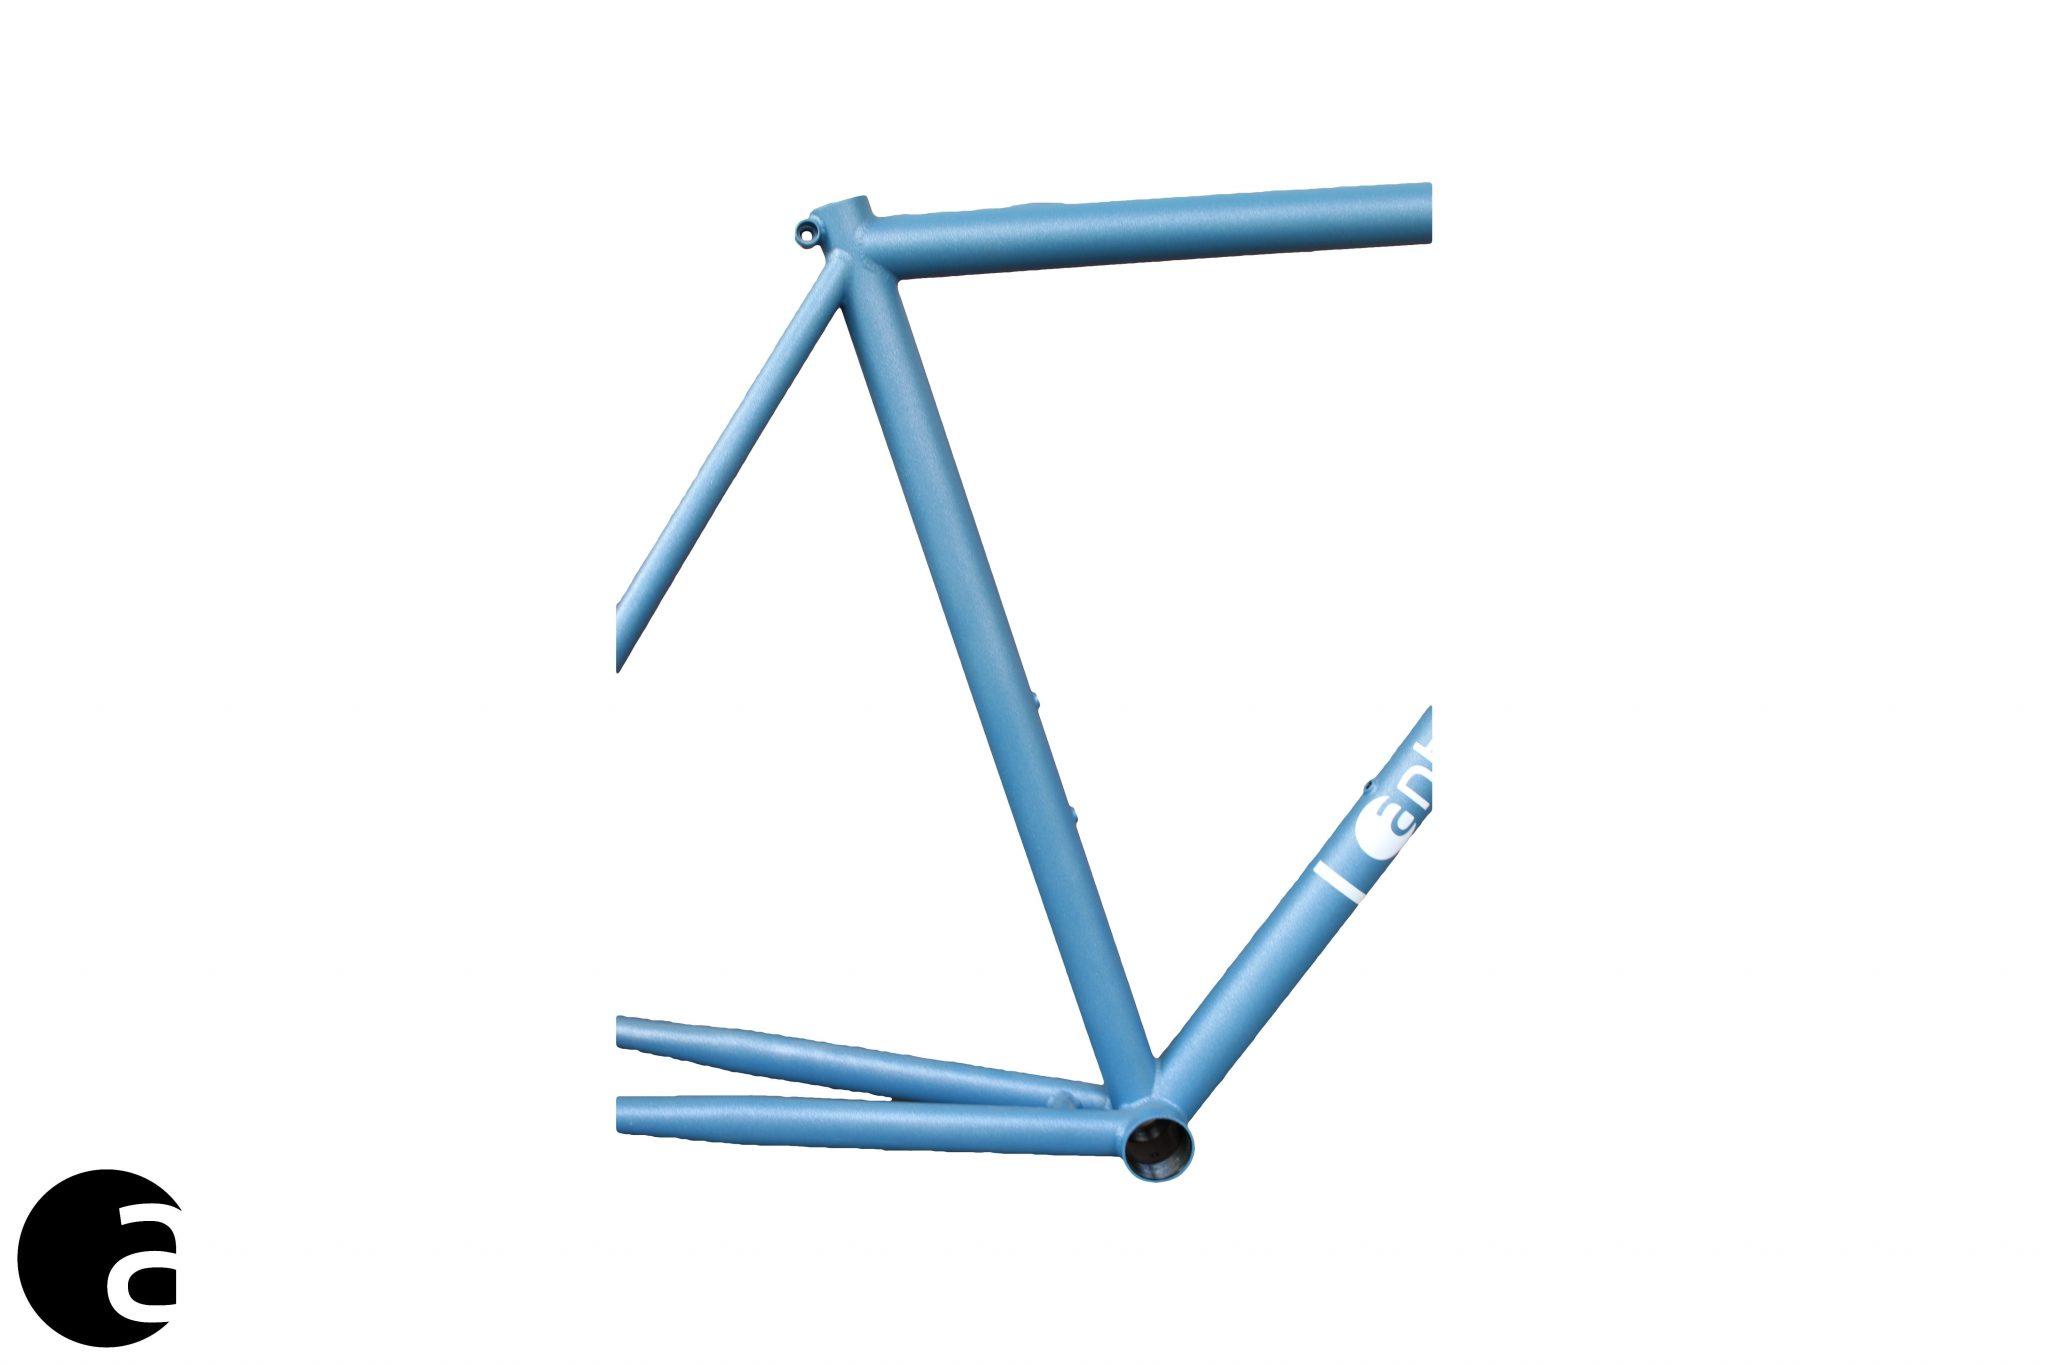 Rura podsiodłowa w ramie rowerowej